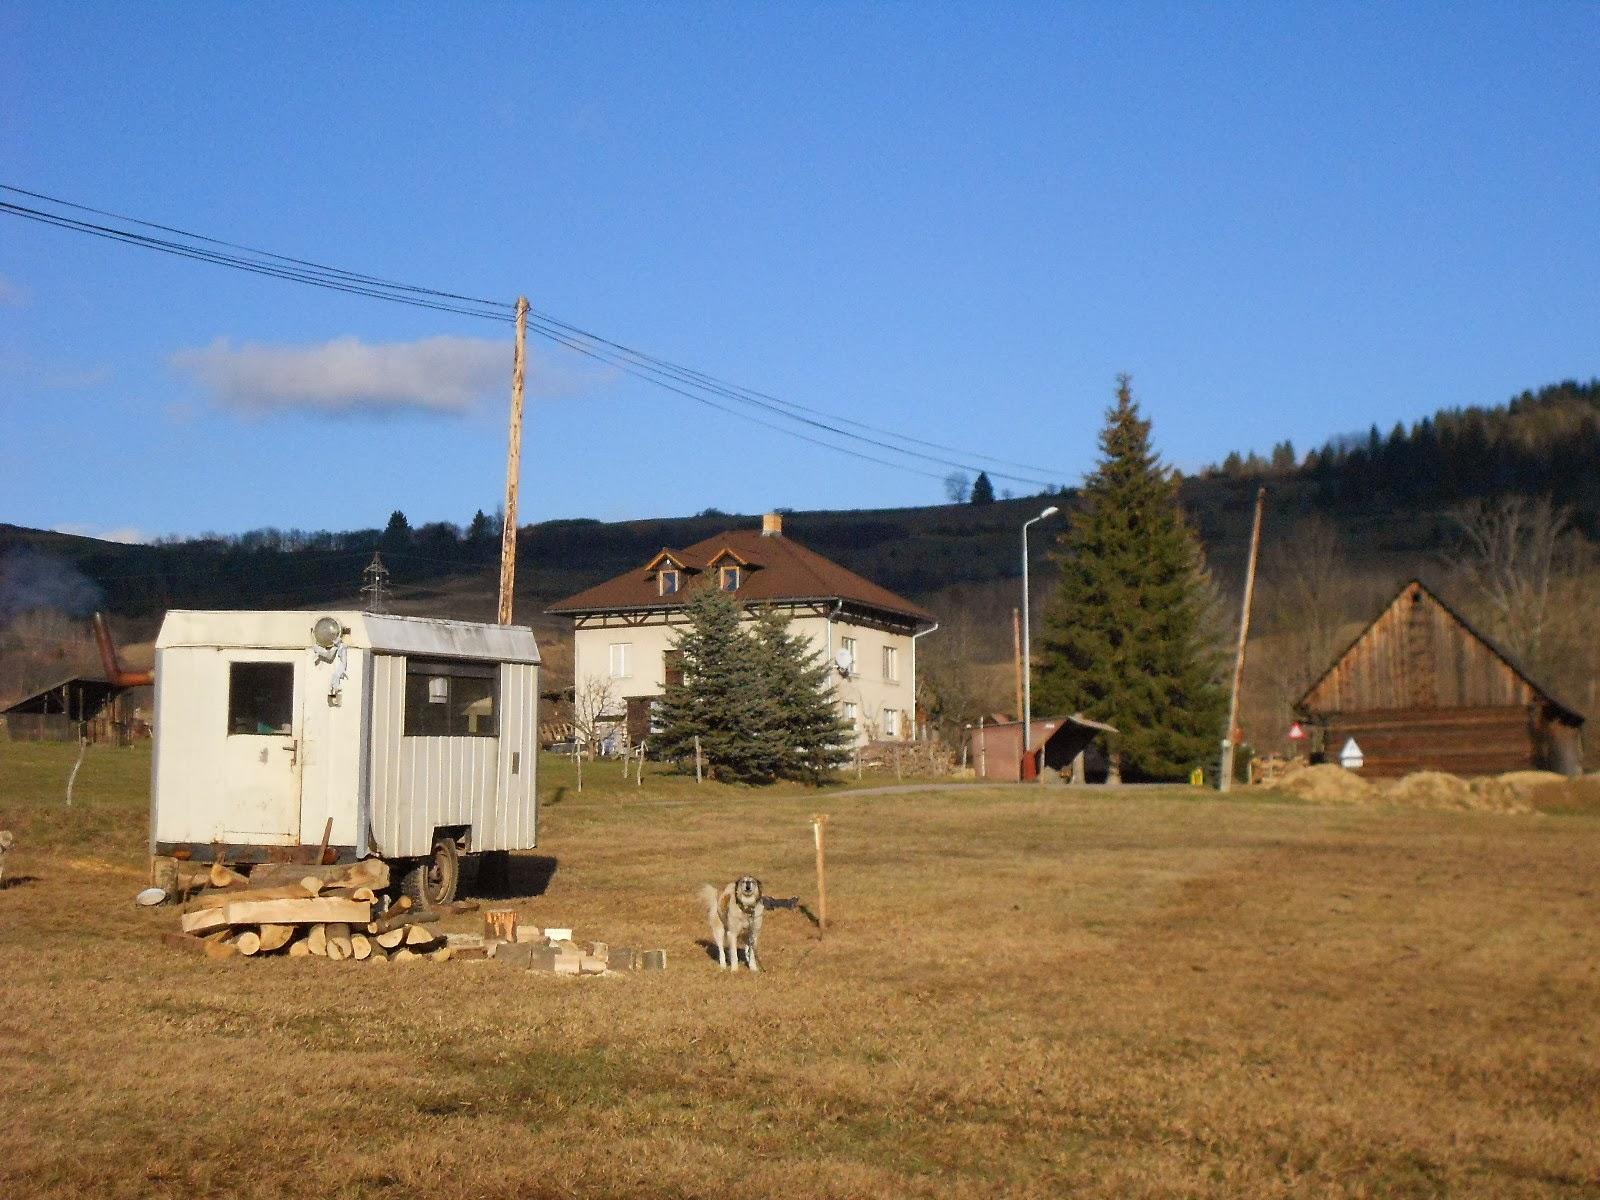 Het boerenhof camping vakantiewoning slowakije de sala is gekomen - Hek begroeide ...